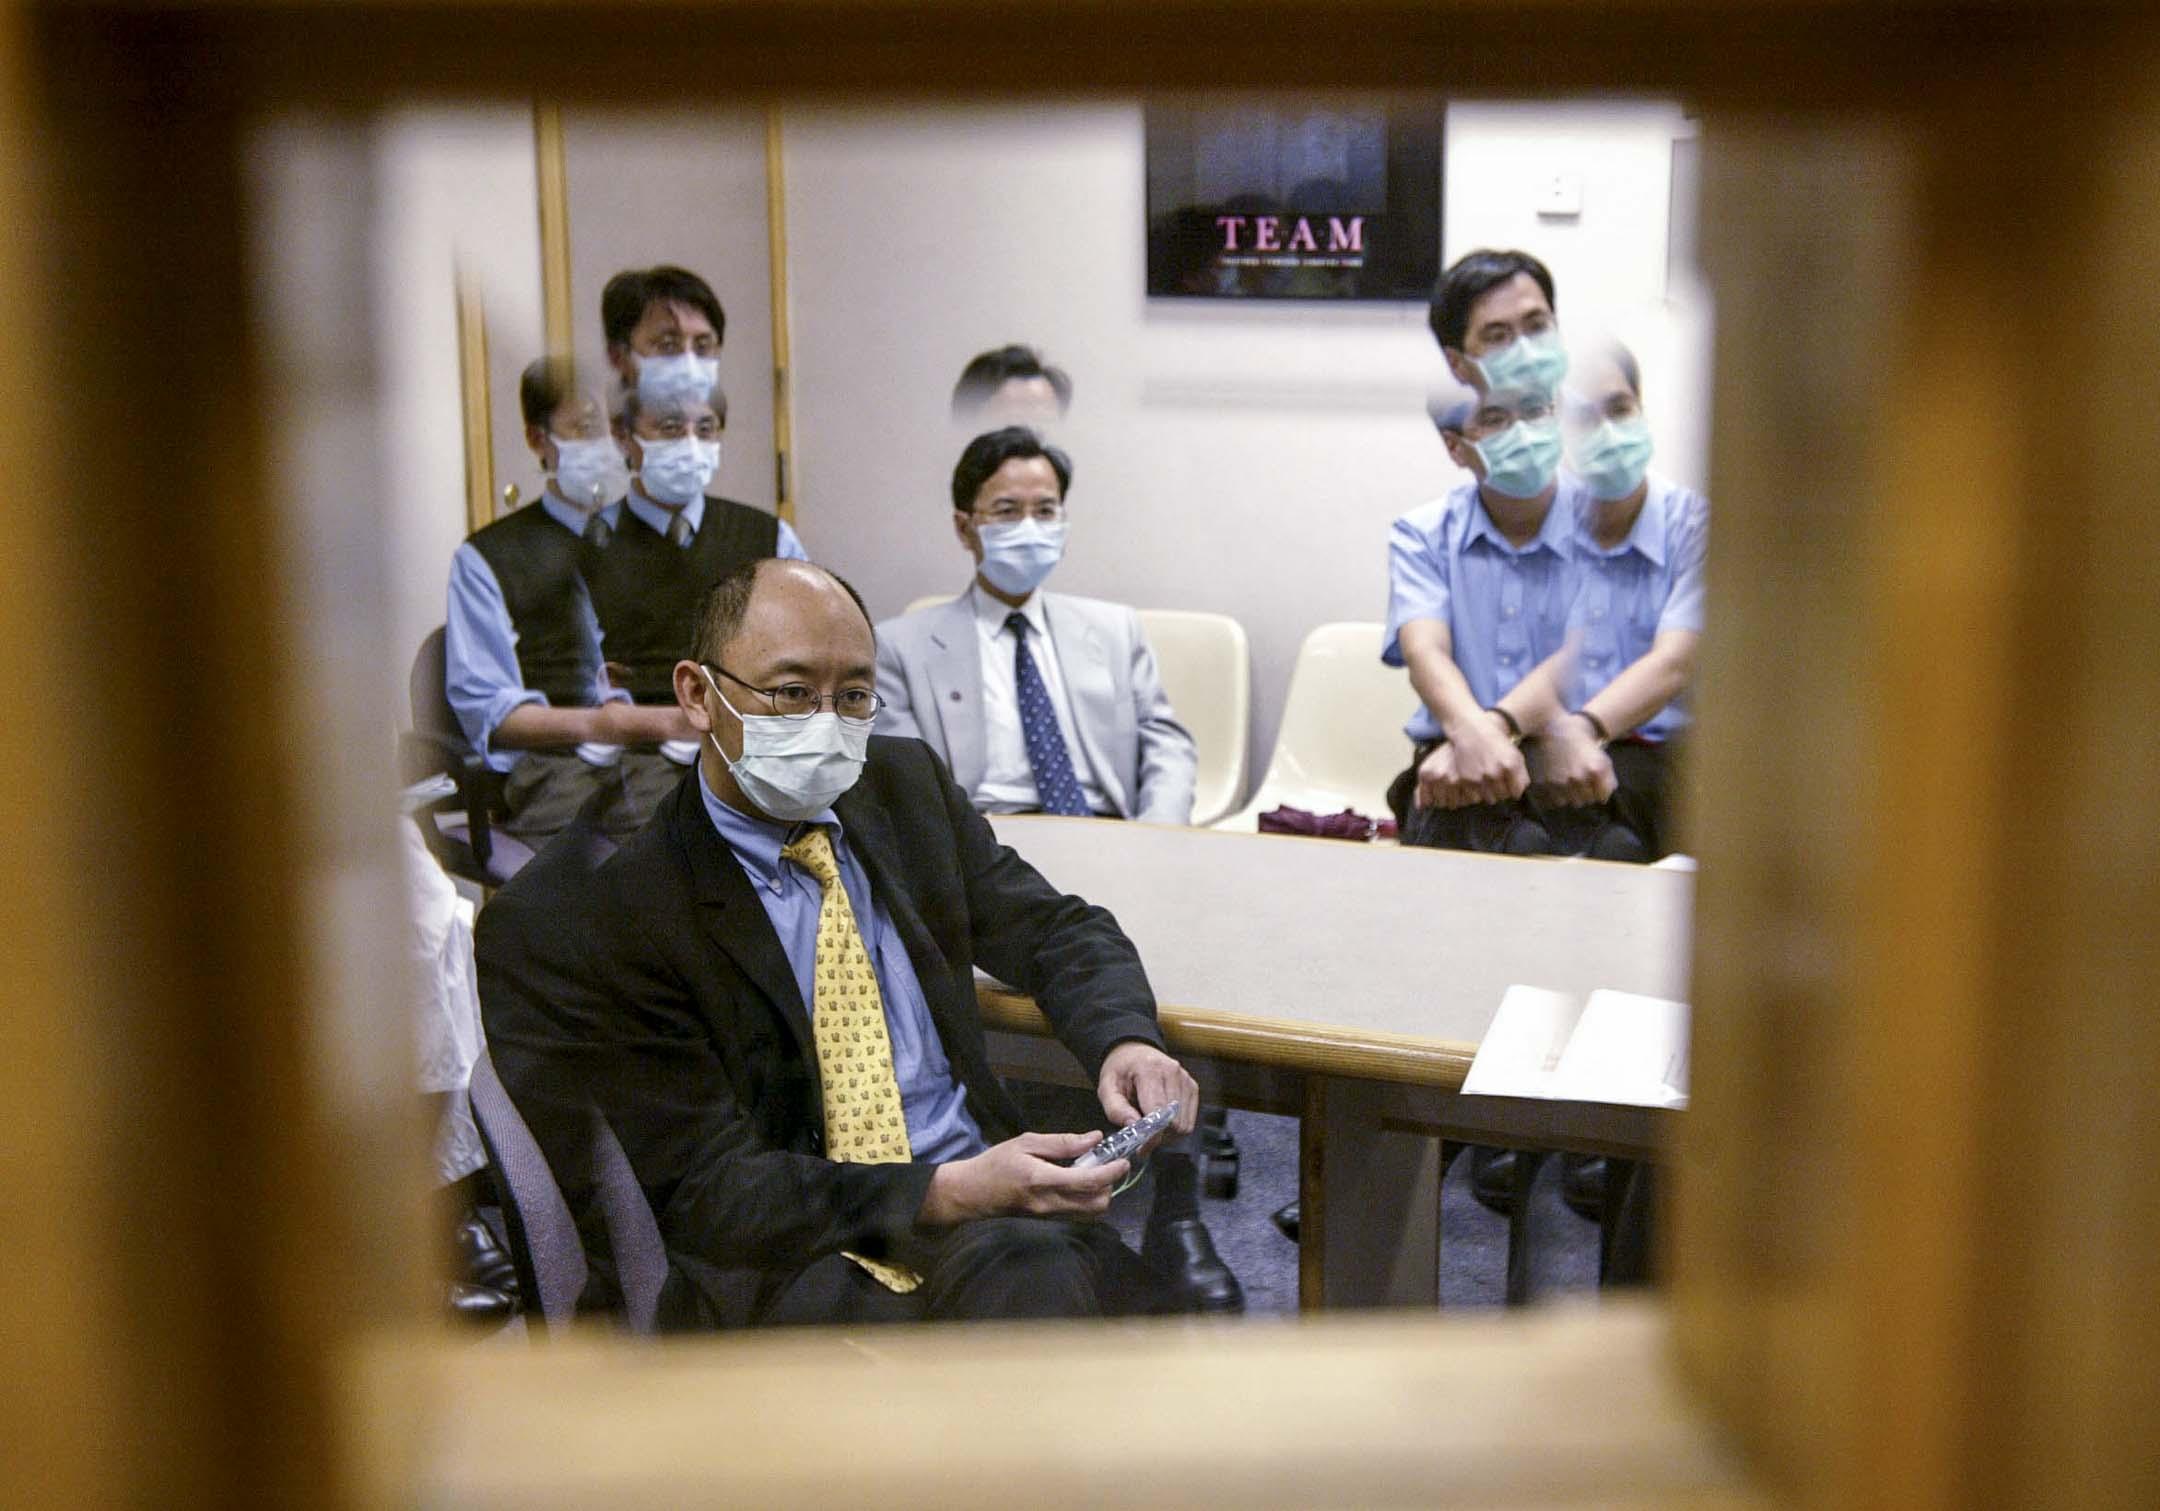 2003年5月6日,香港威爾斯醫院的醫護正在開會,香港中文大學醫學院院長鍾尚志與其他醫生討論沙士疫情發展。 攝:Martin Chan/South China Morning Post via Getty Images